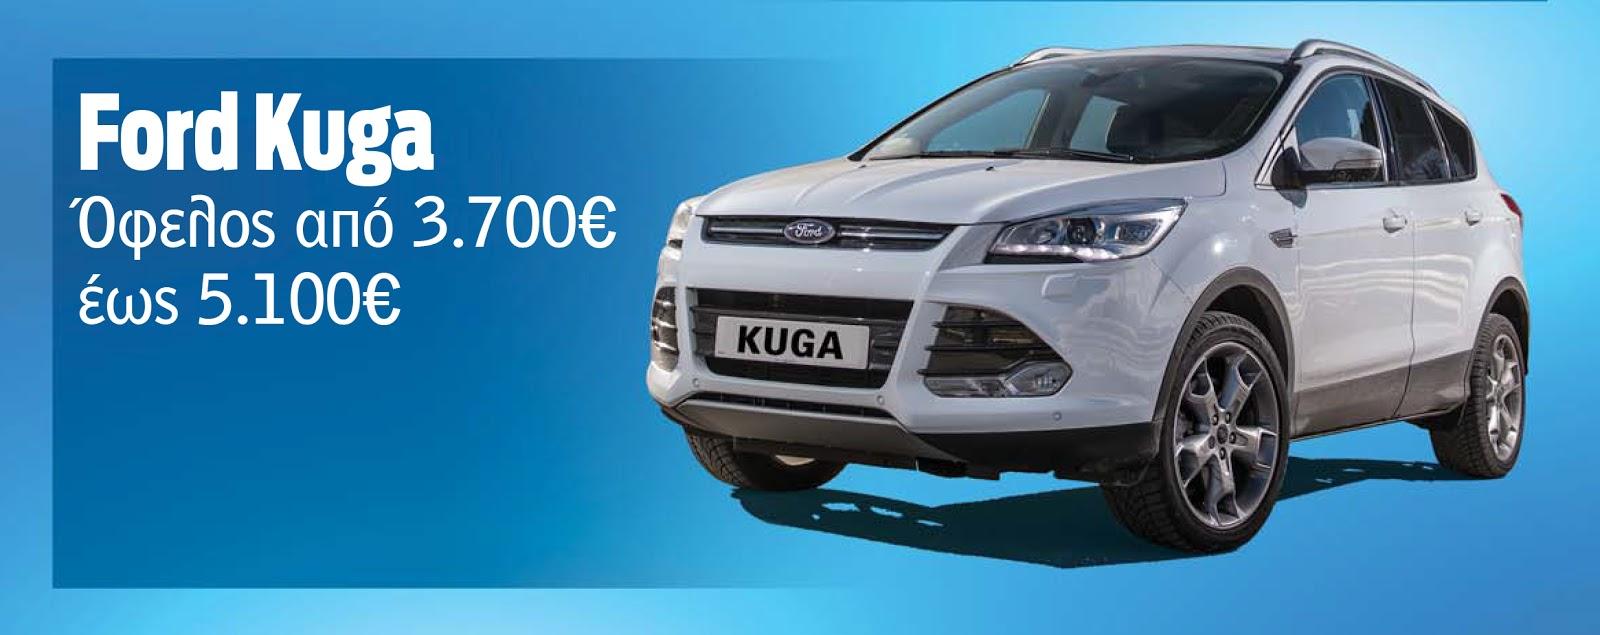 KUGA Αποκτήστε το αγαπημένο σας Ford με όφελος έως και 5.690€! Ford, αγορά, προσφορές, τιμες